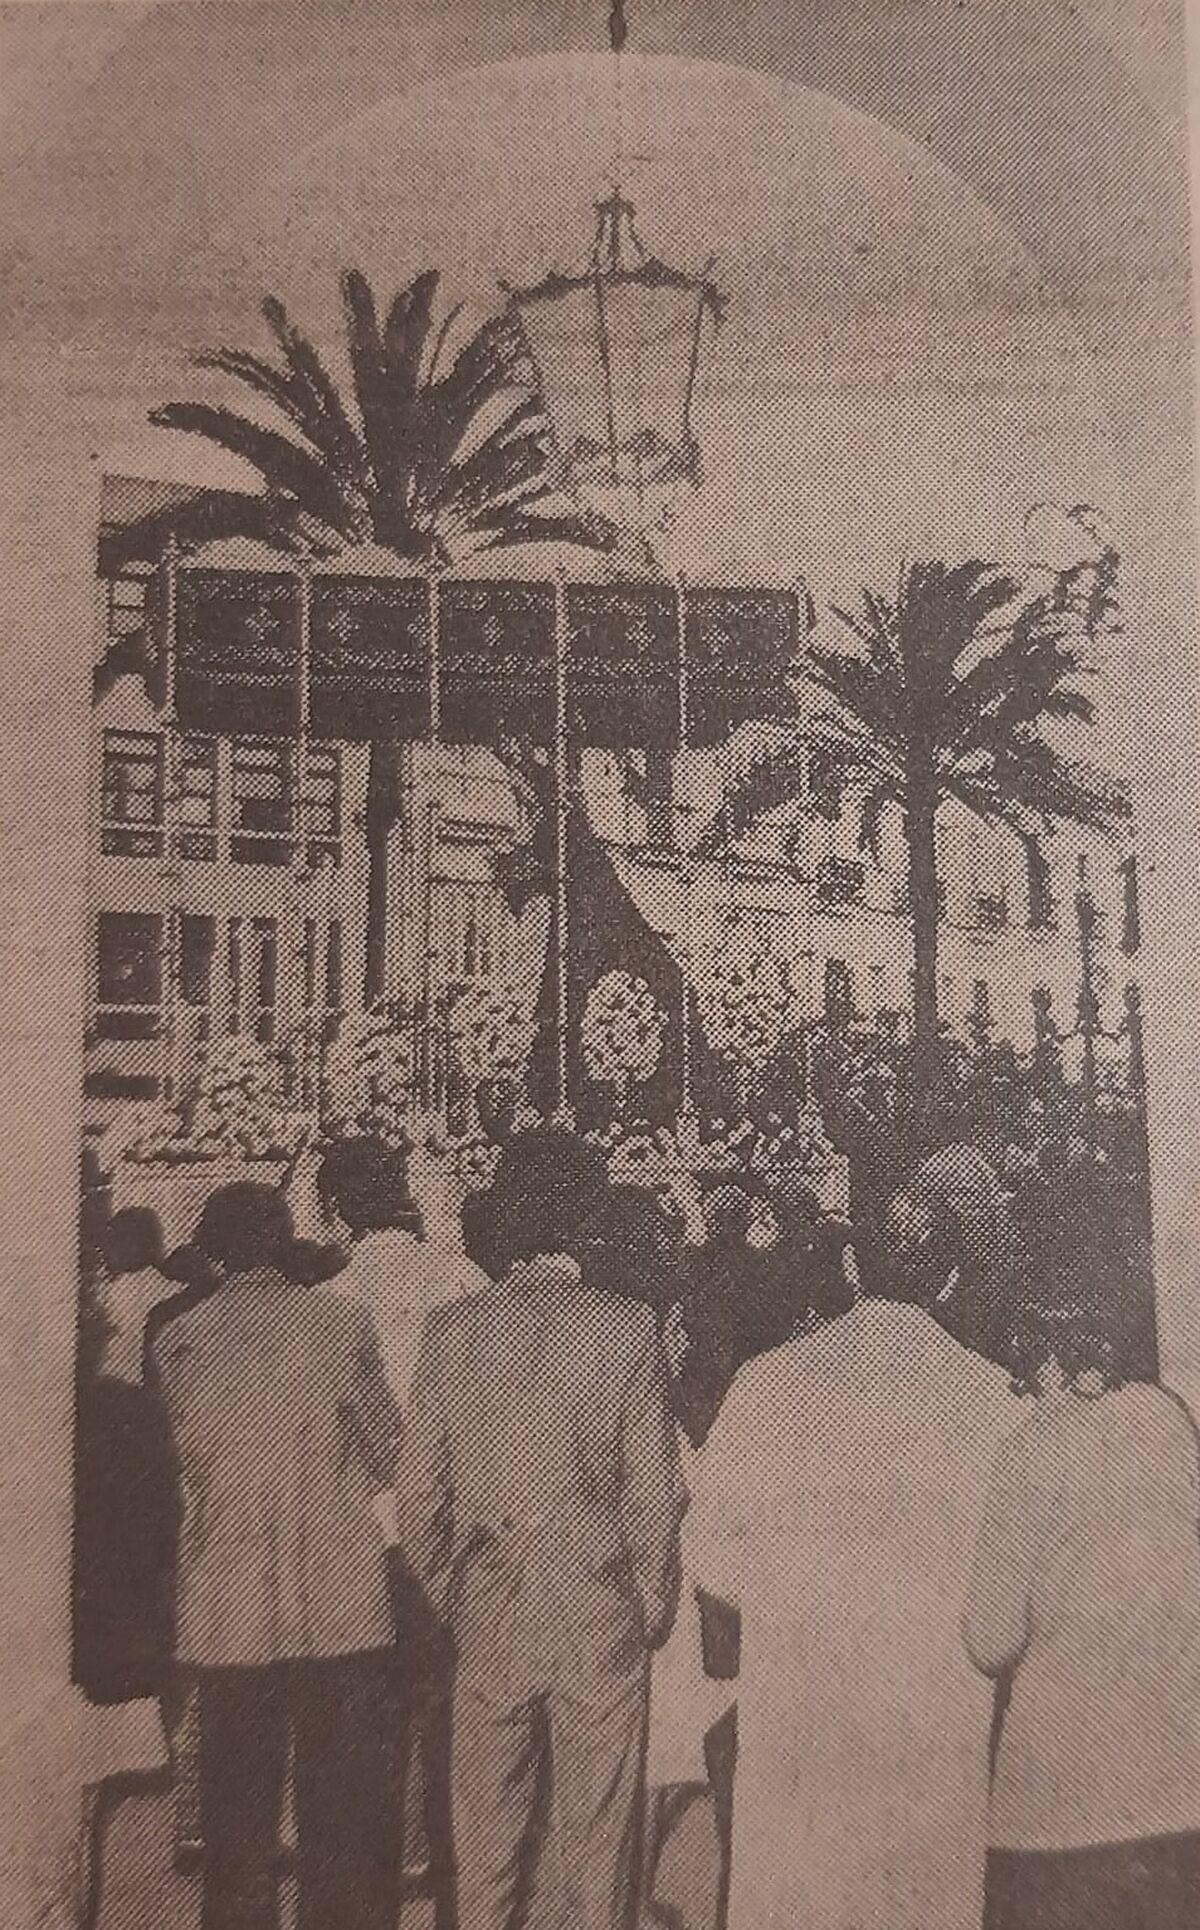 La Virgen del Amparo de la cofradía de Borriquita, el Domingo de Ramos de 1971 por el Ayuntamiento.